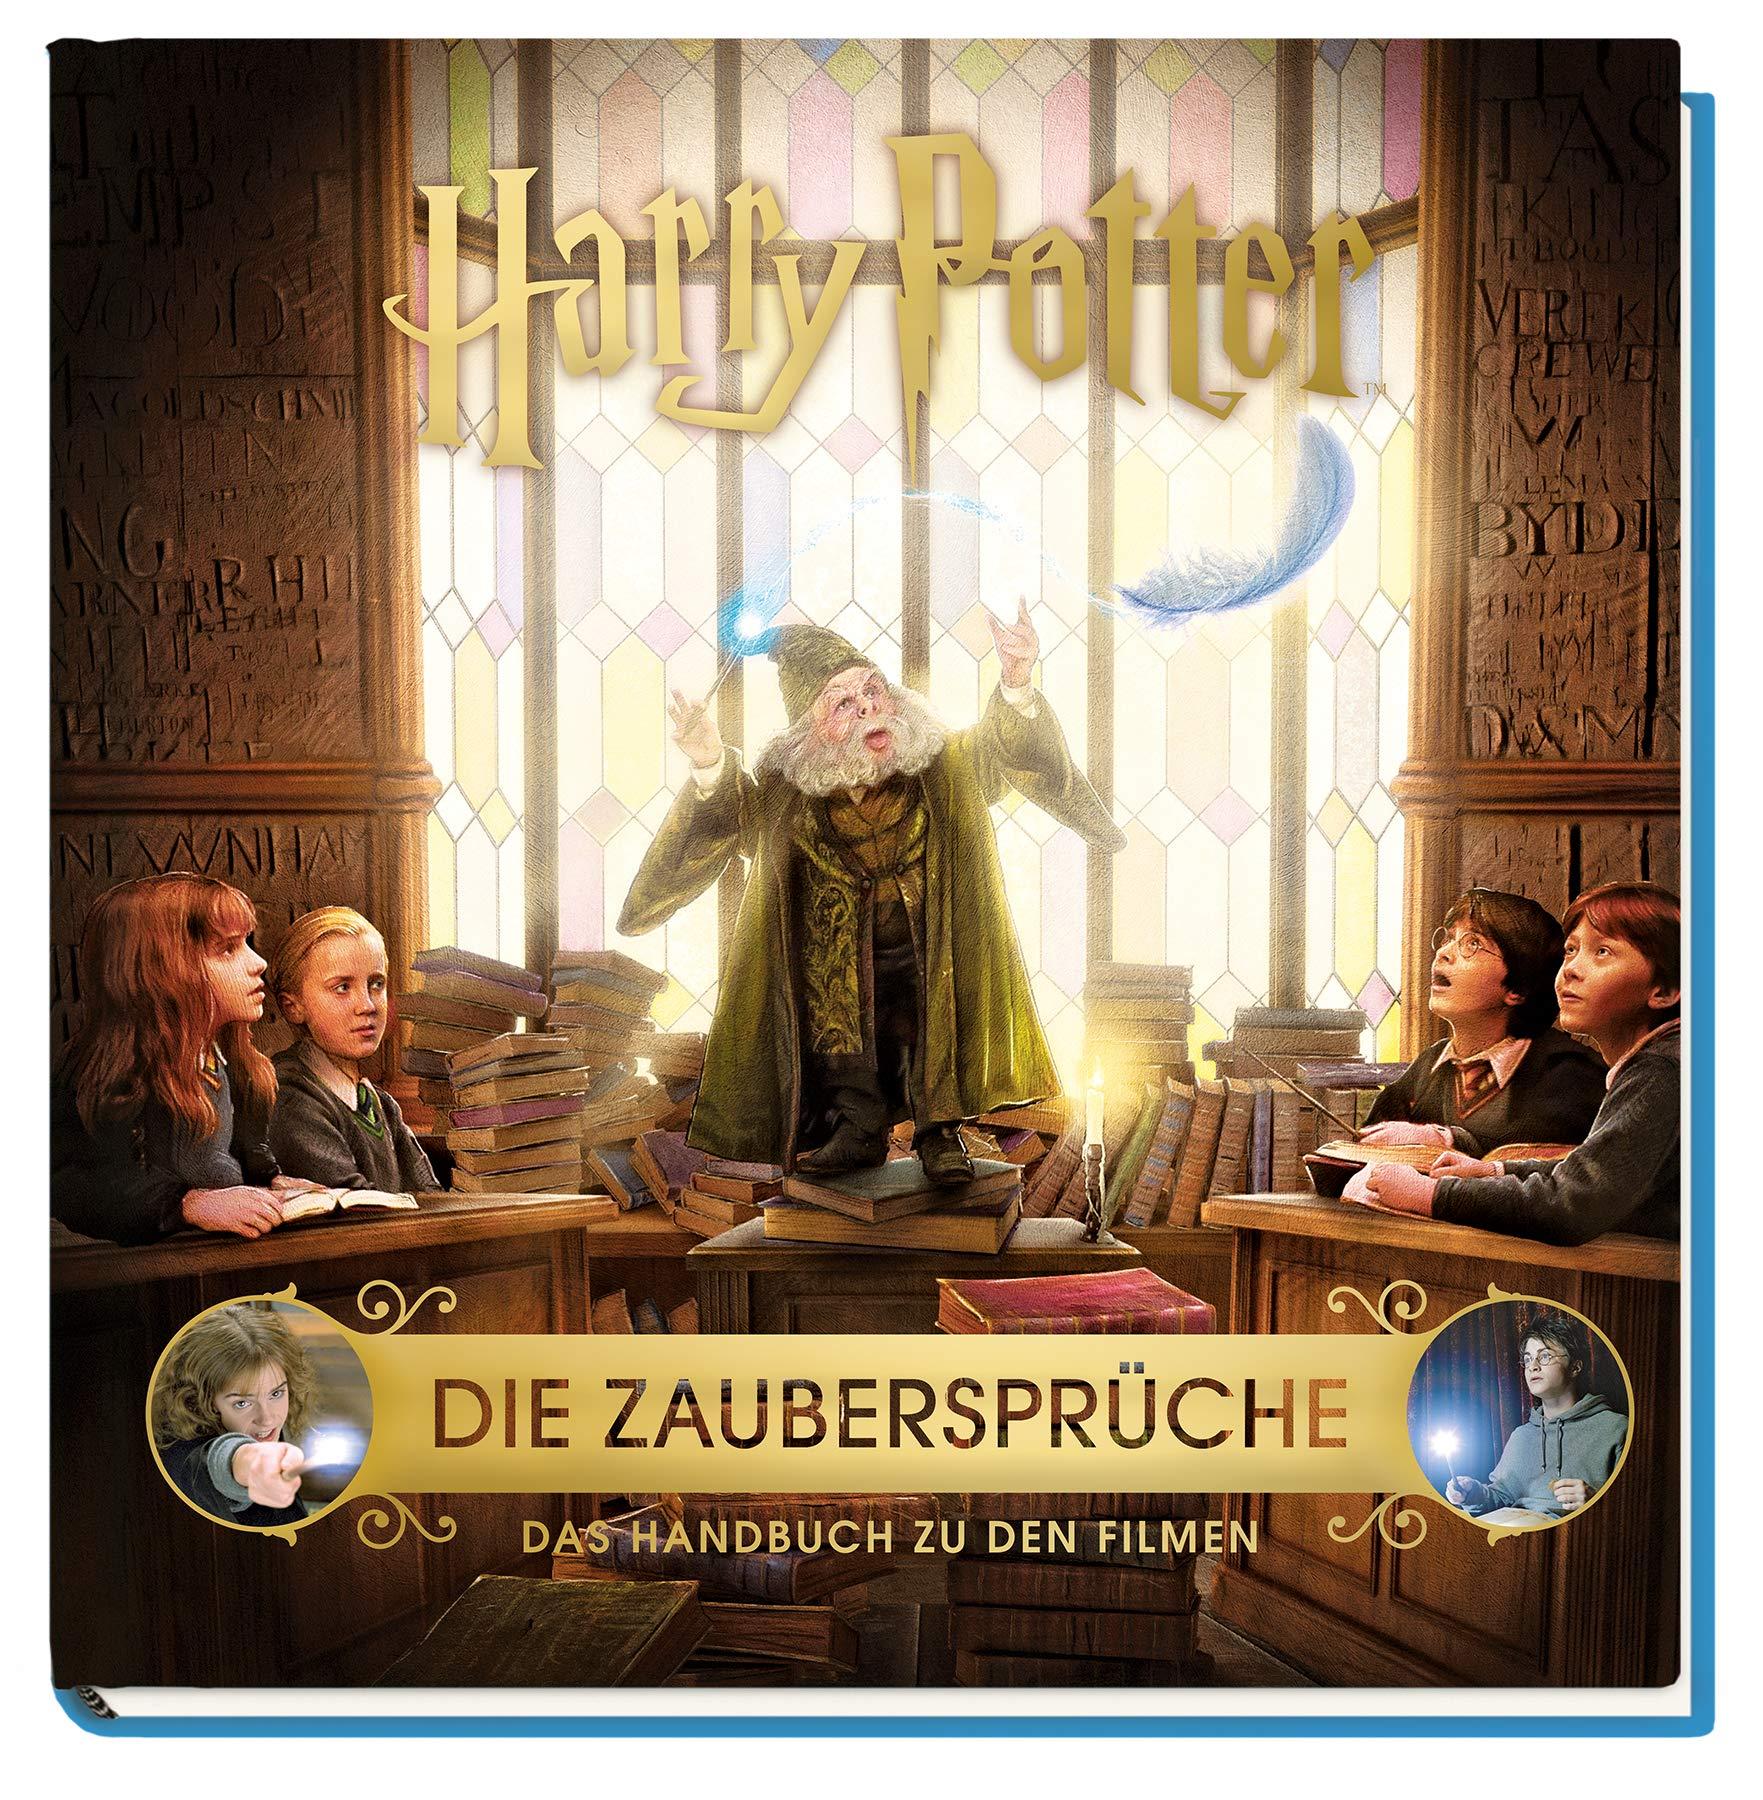 Harry Potter Die Zauberspruche Das Handbuch Zu Den Filmen Revenson Jody 9783833237577 Amazon Com Books